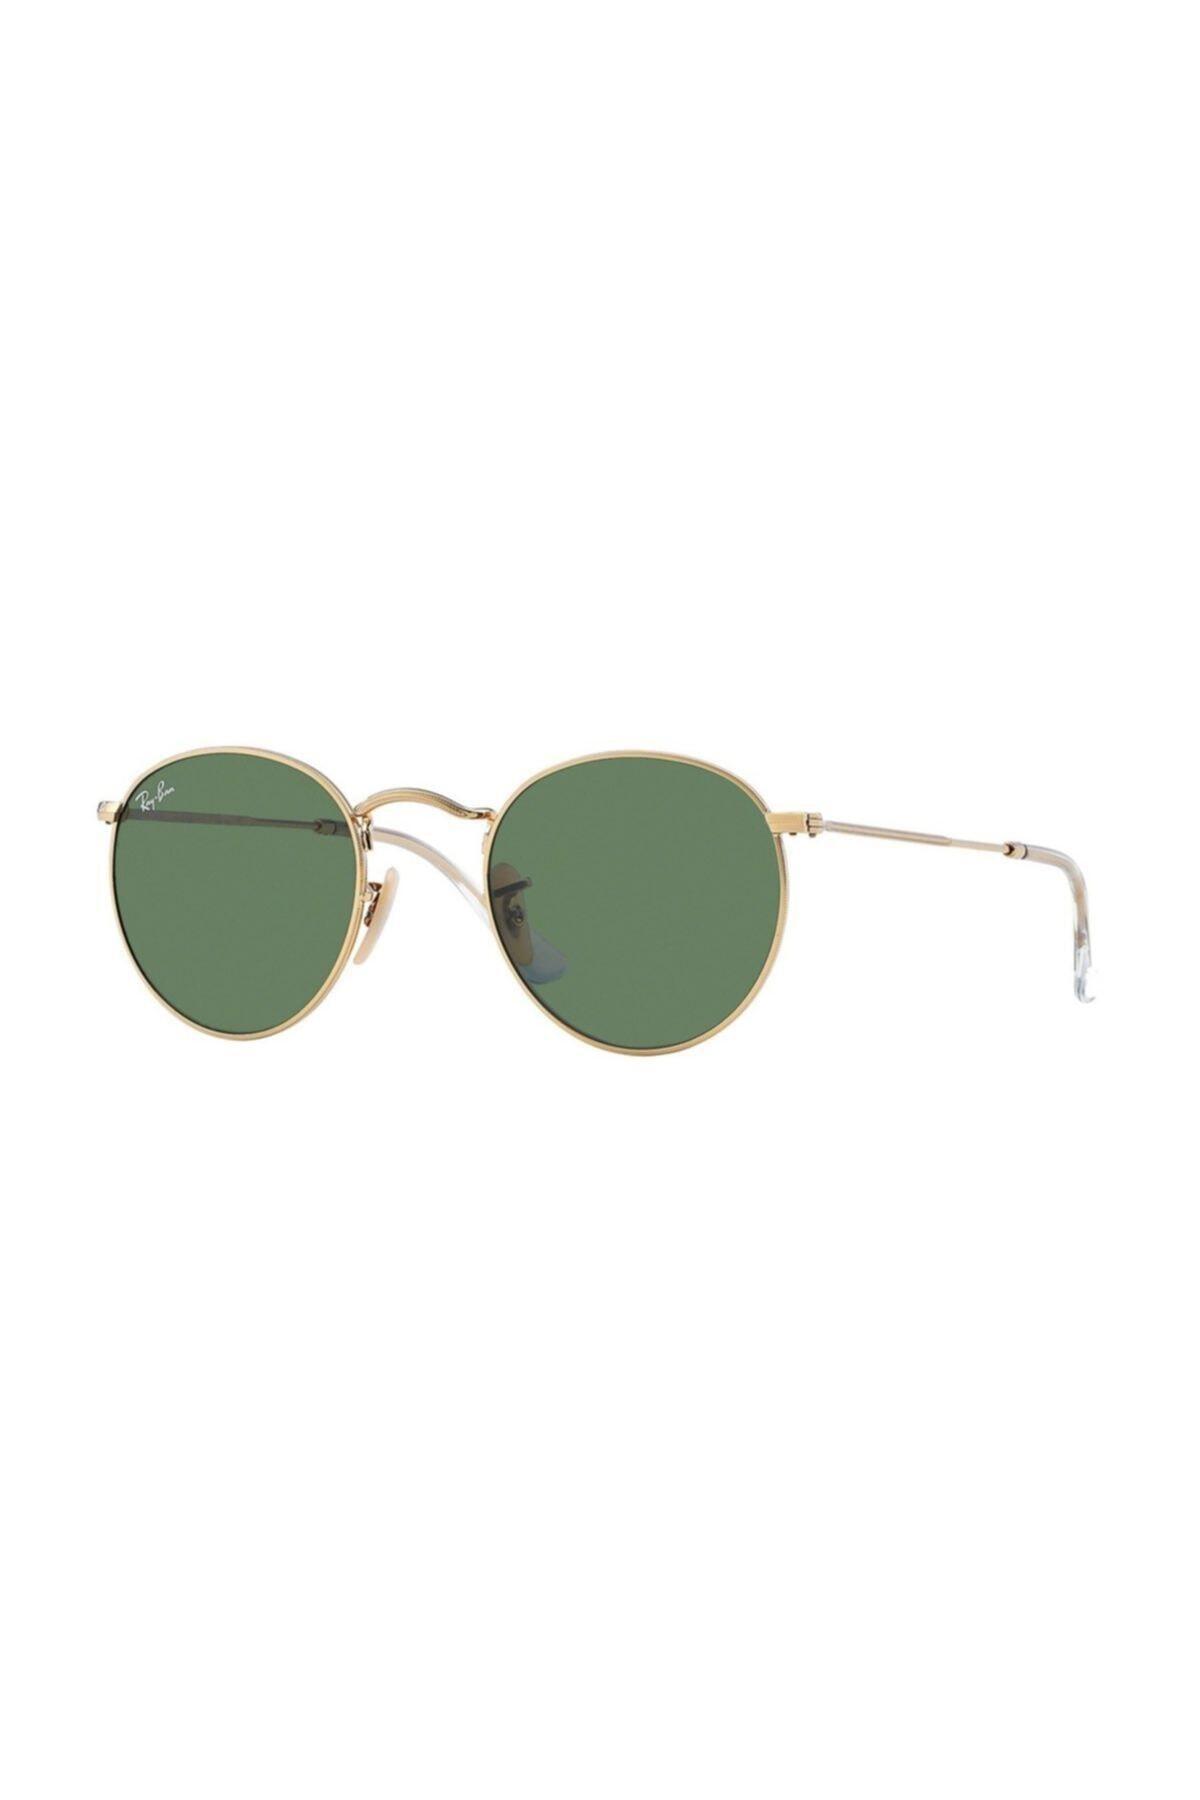 خرید اینترنتی عینک آفتابی خاص مردانه برند ری بن رنگ طلایی ty34975636